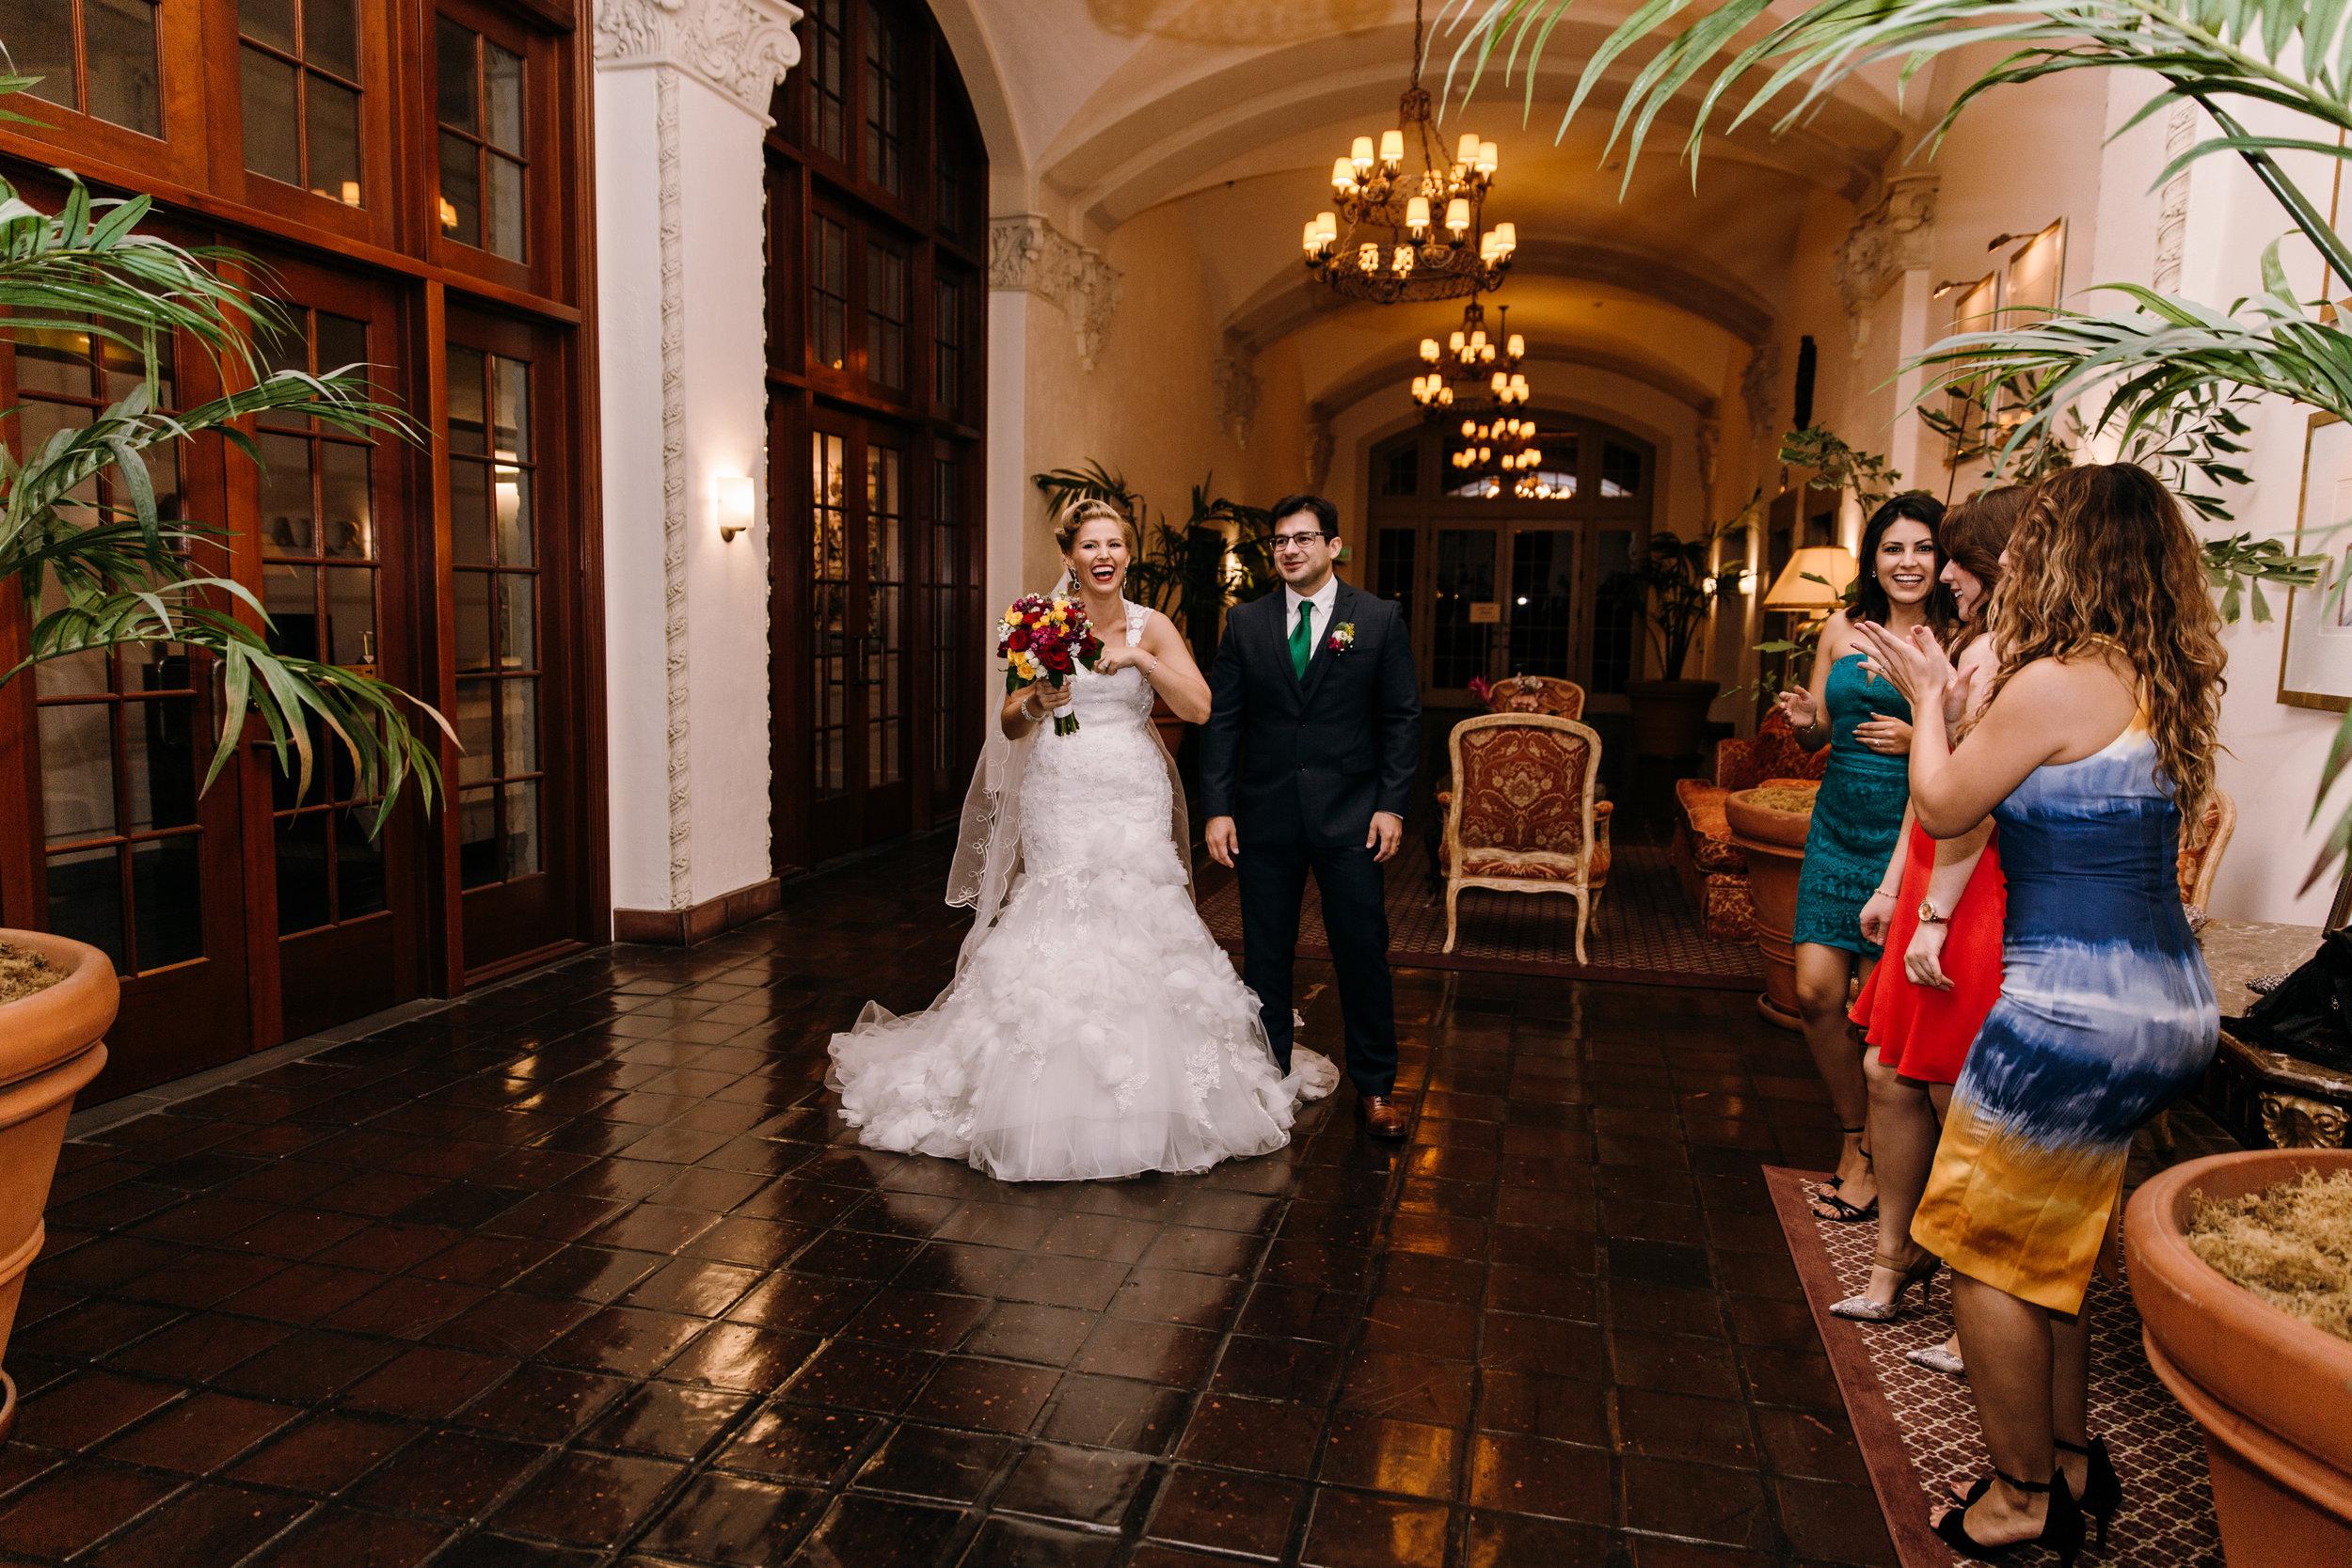 KaraNixonWeddings-SanDiego-Wedding-33.jpg